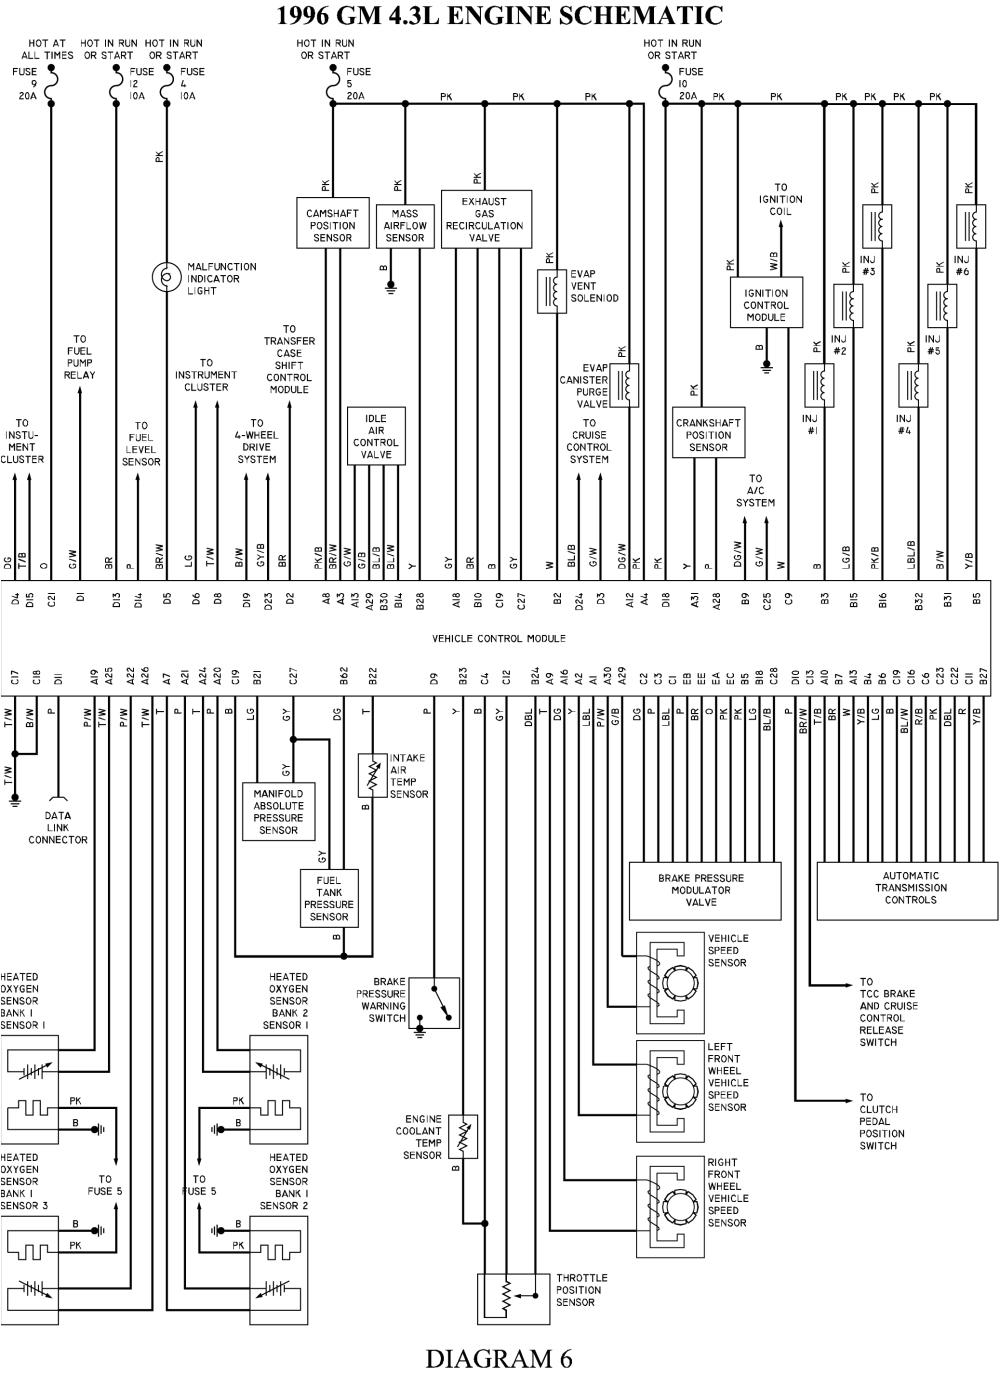 1997 isuzu Npr Wiring Diagram Wrg 9423 Wiring Schematic for 1997 isuzu Trooper